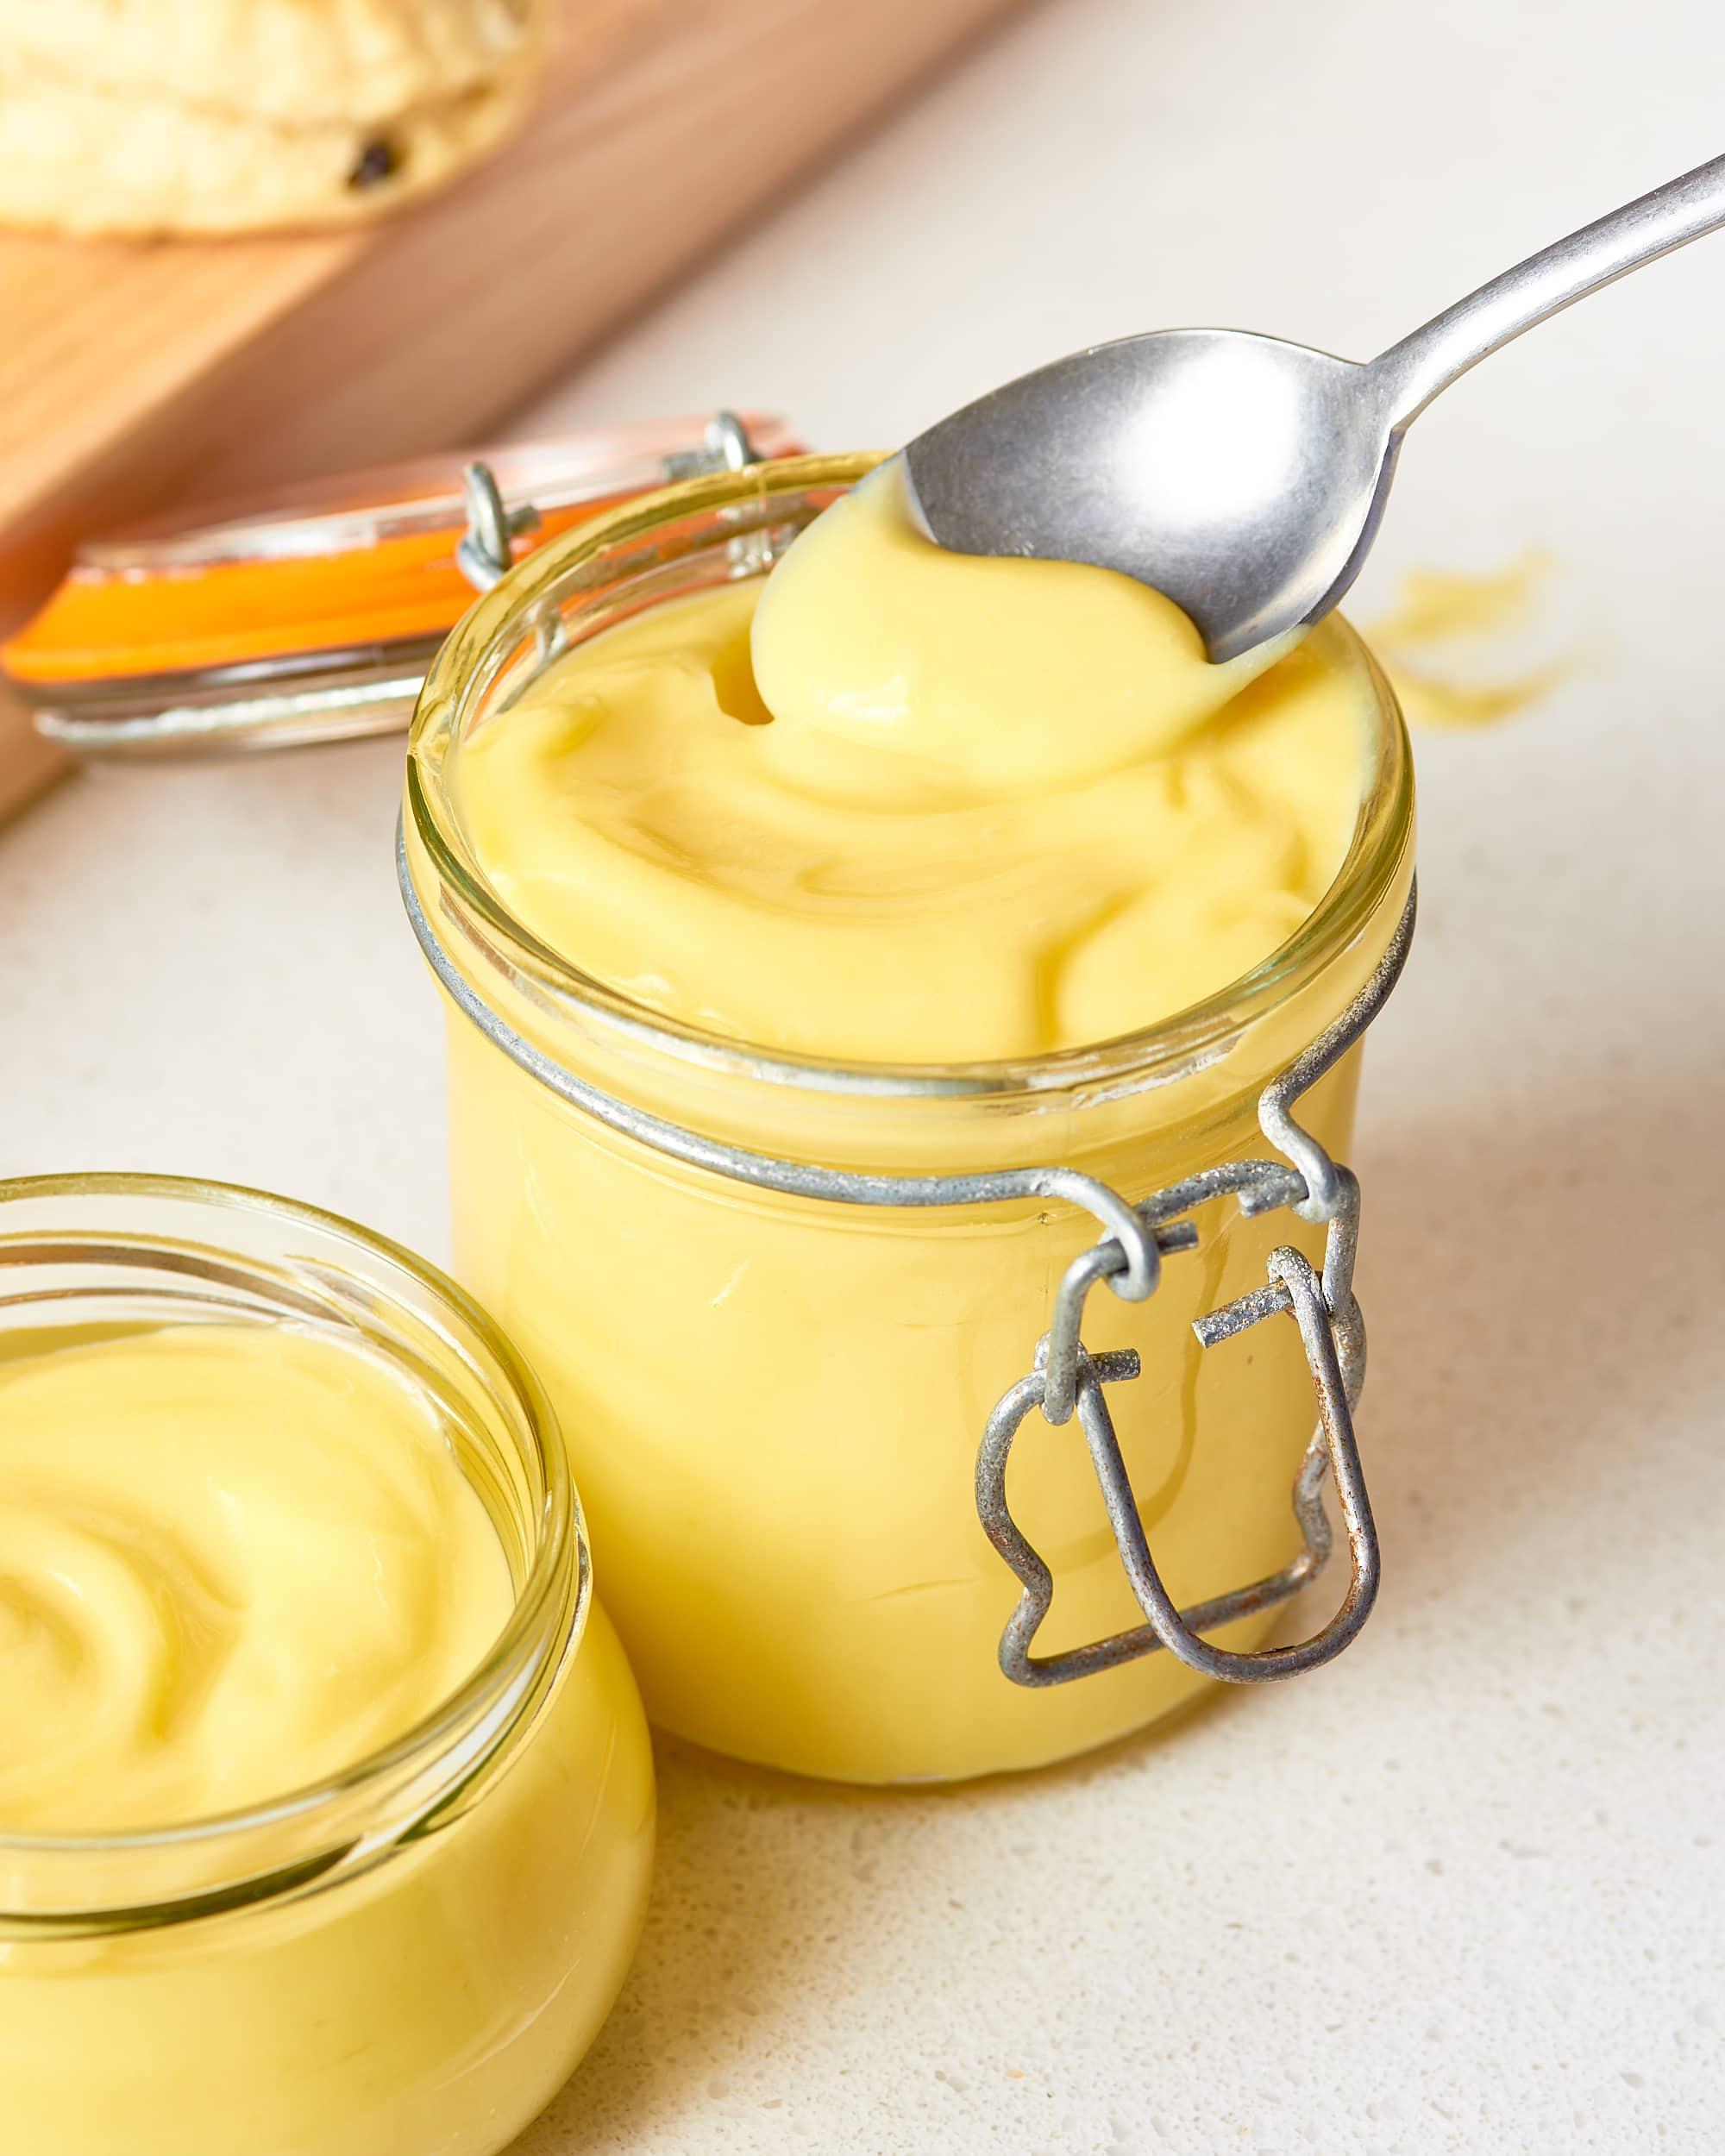 Recipe: Easy Blender Lemon Curd